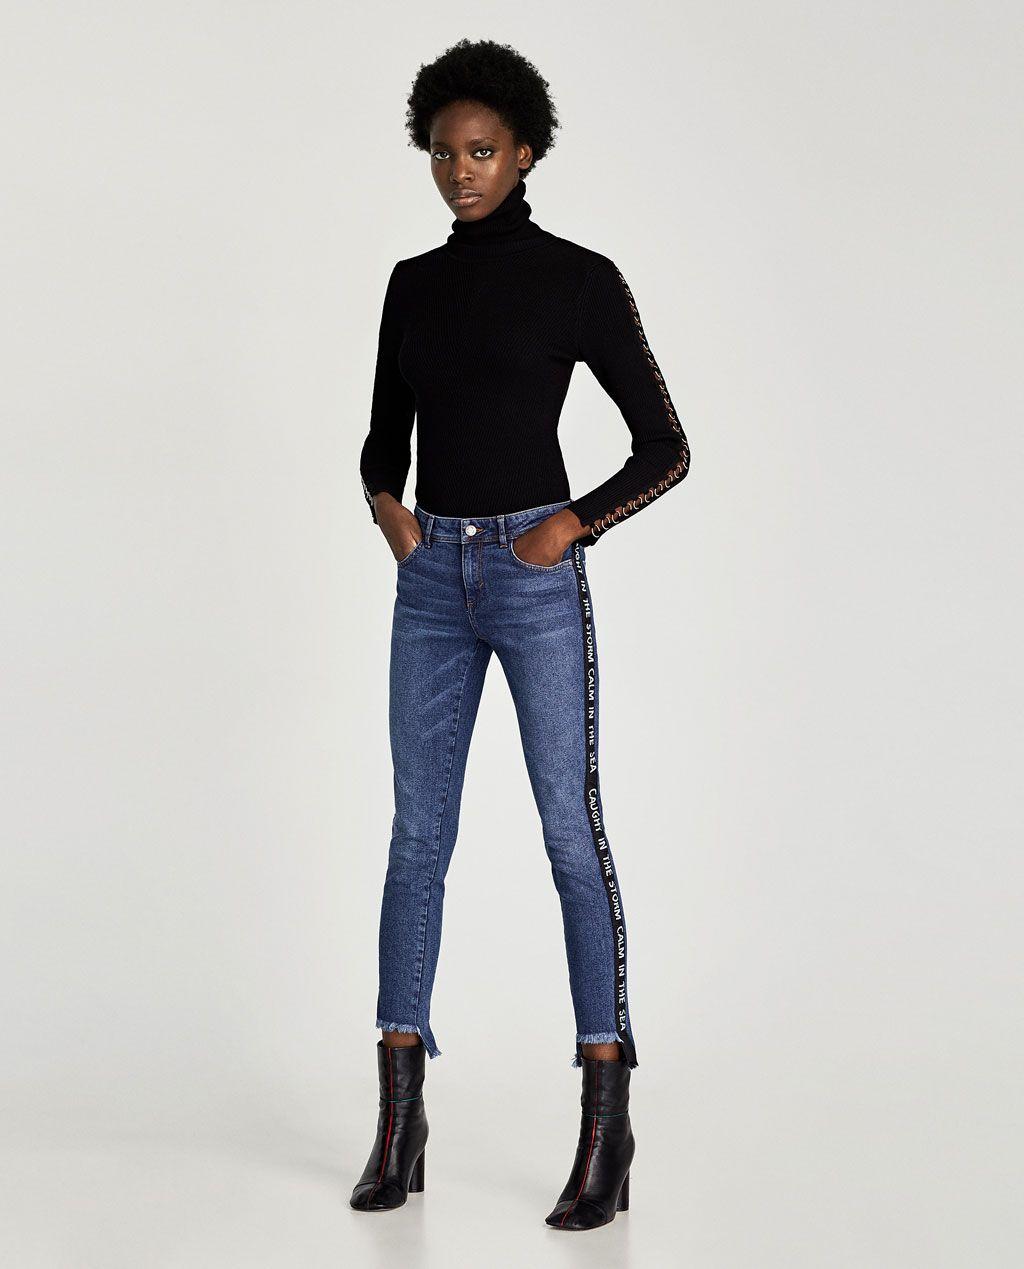 Di Abbigliamento Scritta 1 Immagine Zara Jeans Nastro 5OfvUTw